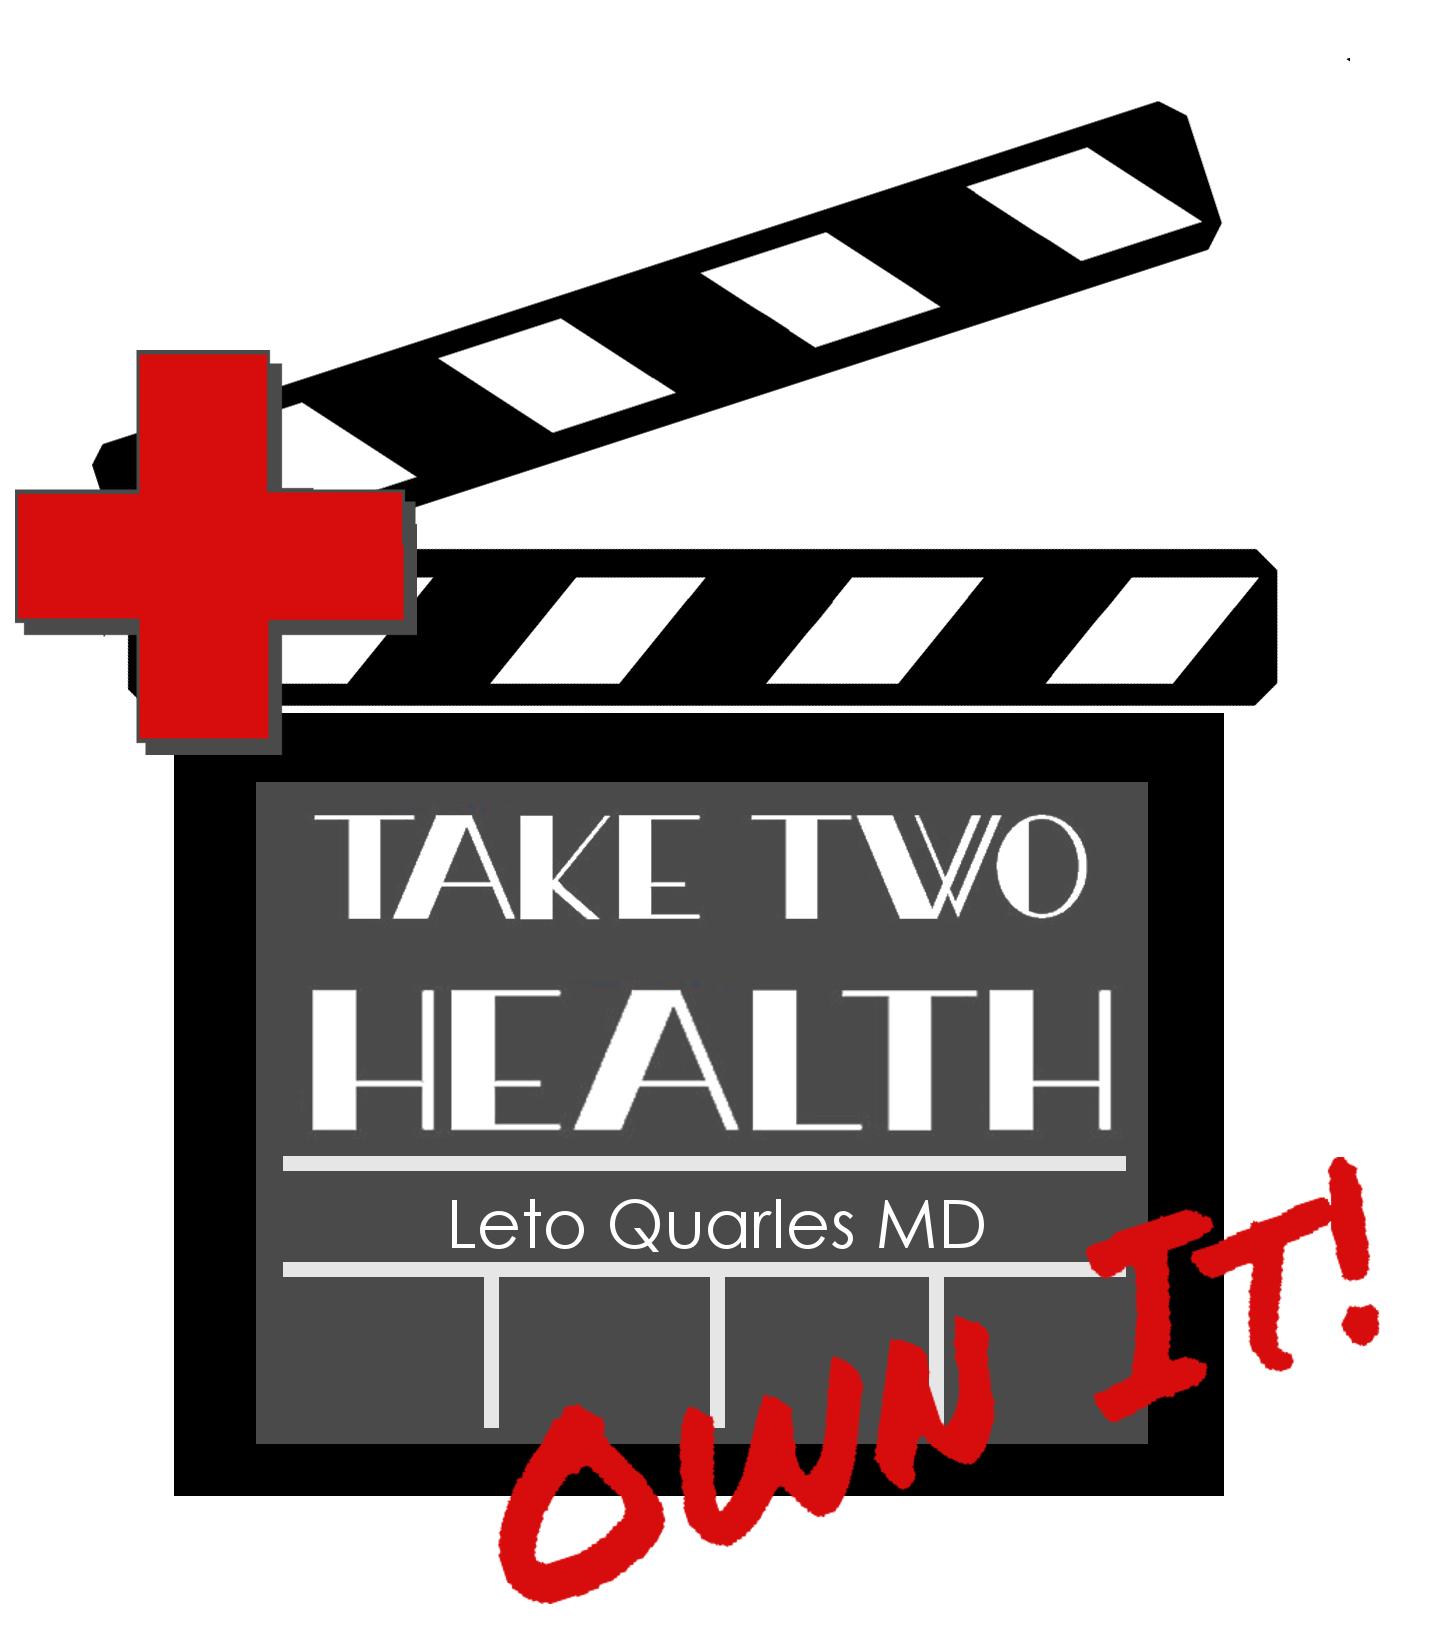 Take Two Health - Own It (grid) - big LQ.jpg